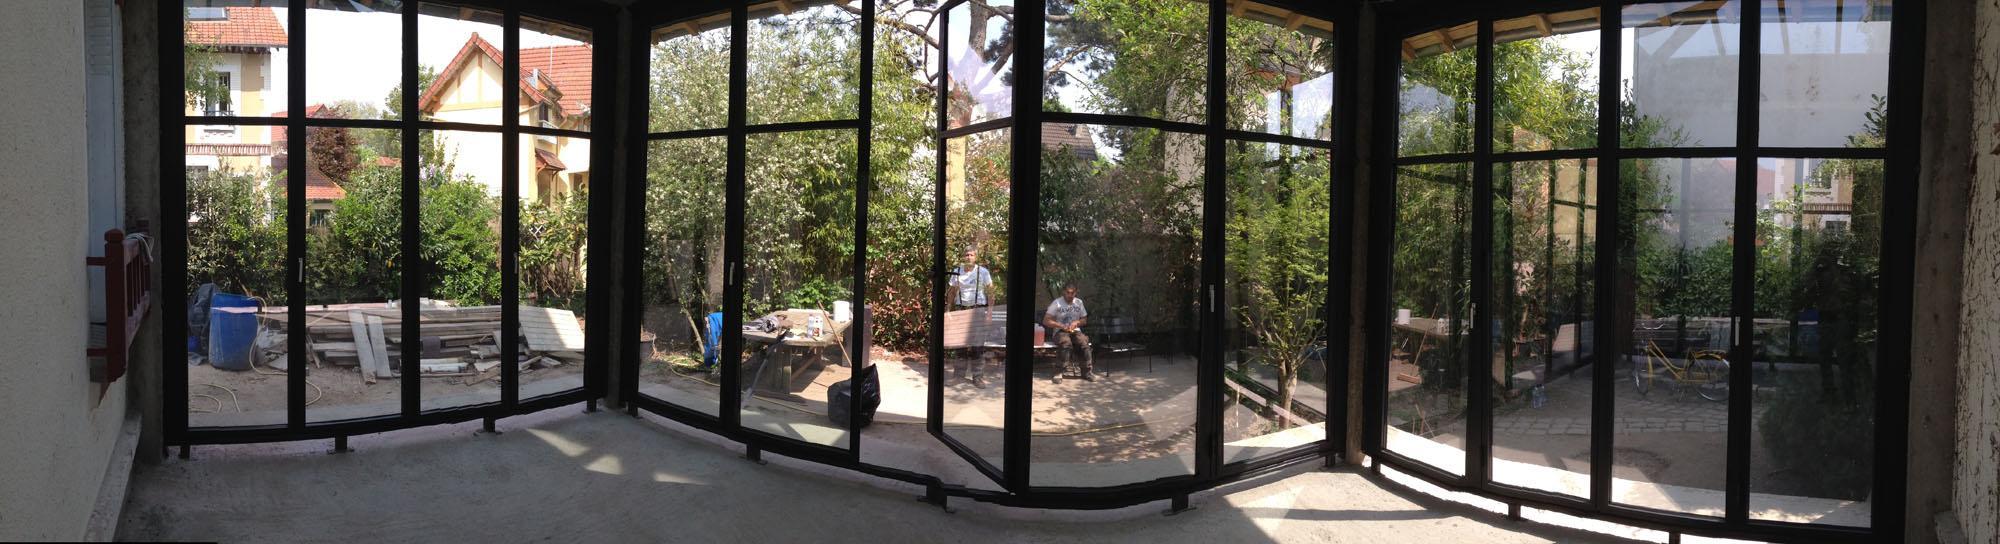 Transformation d'une terrasse en verranda sur mesure au Vésinet en Ile-de-France